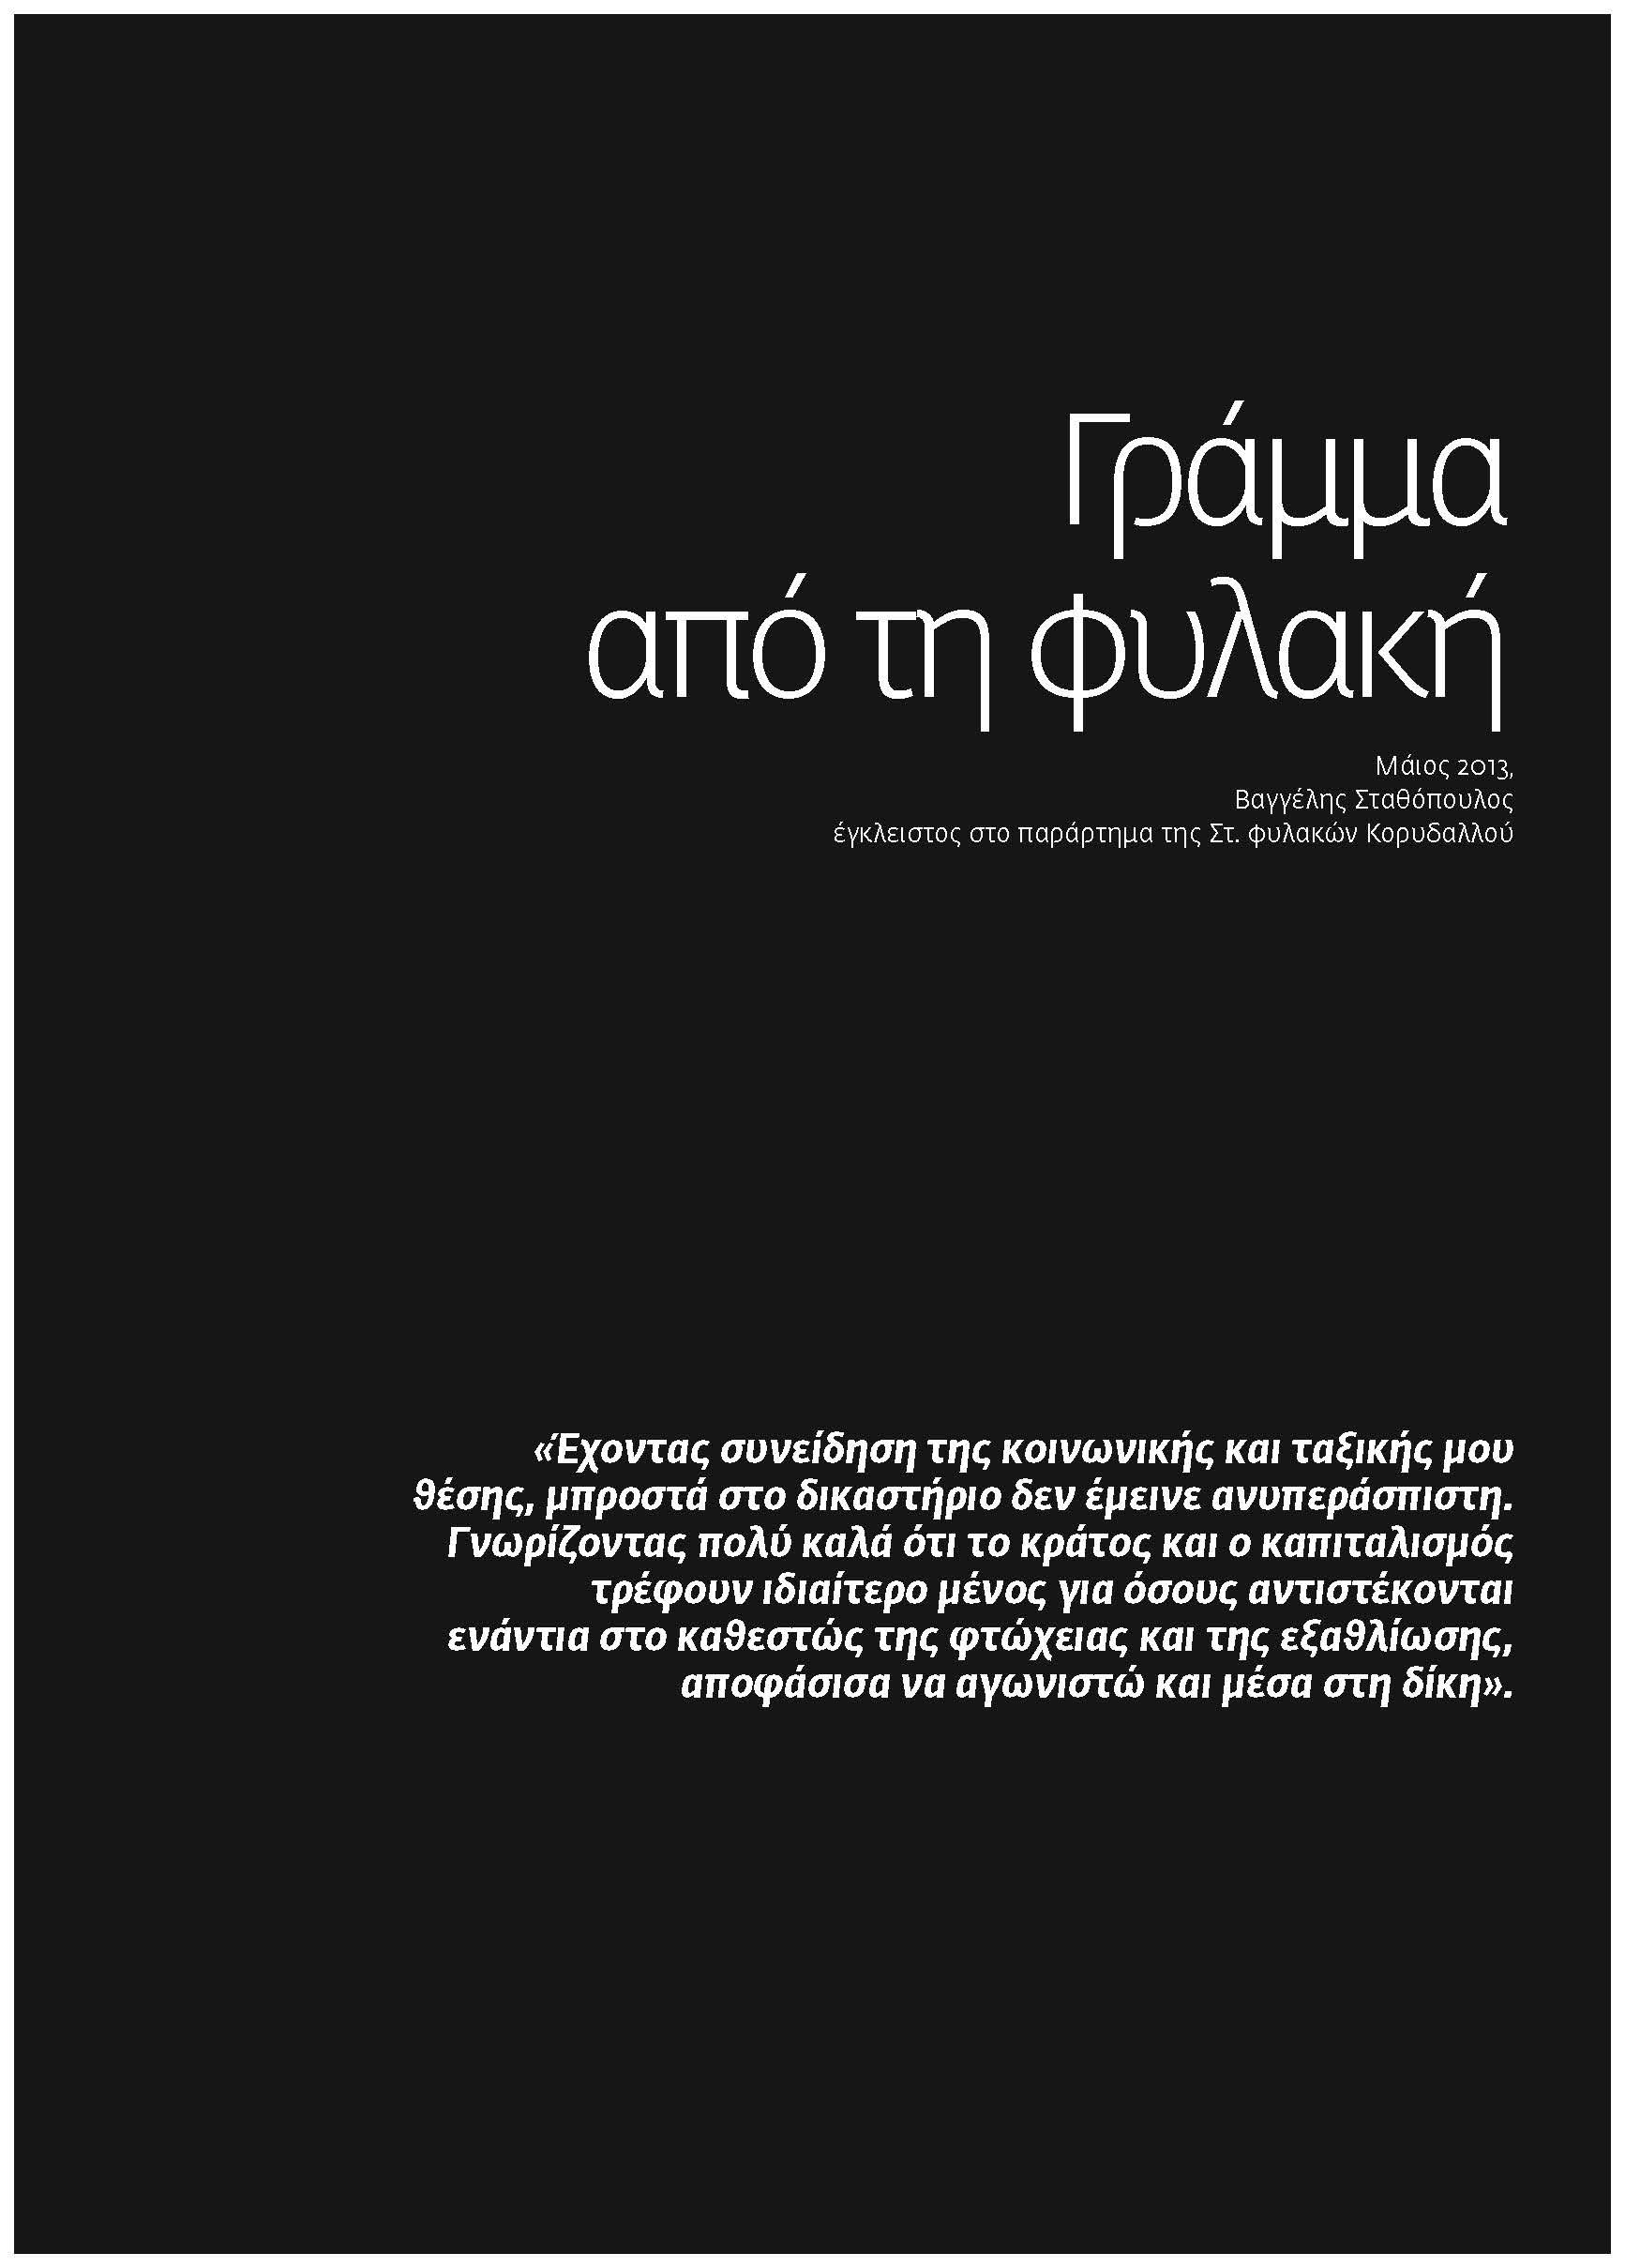 gramma-apo ti-filaki-internet (2)_Page_1